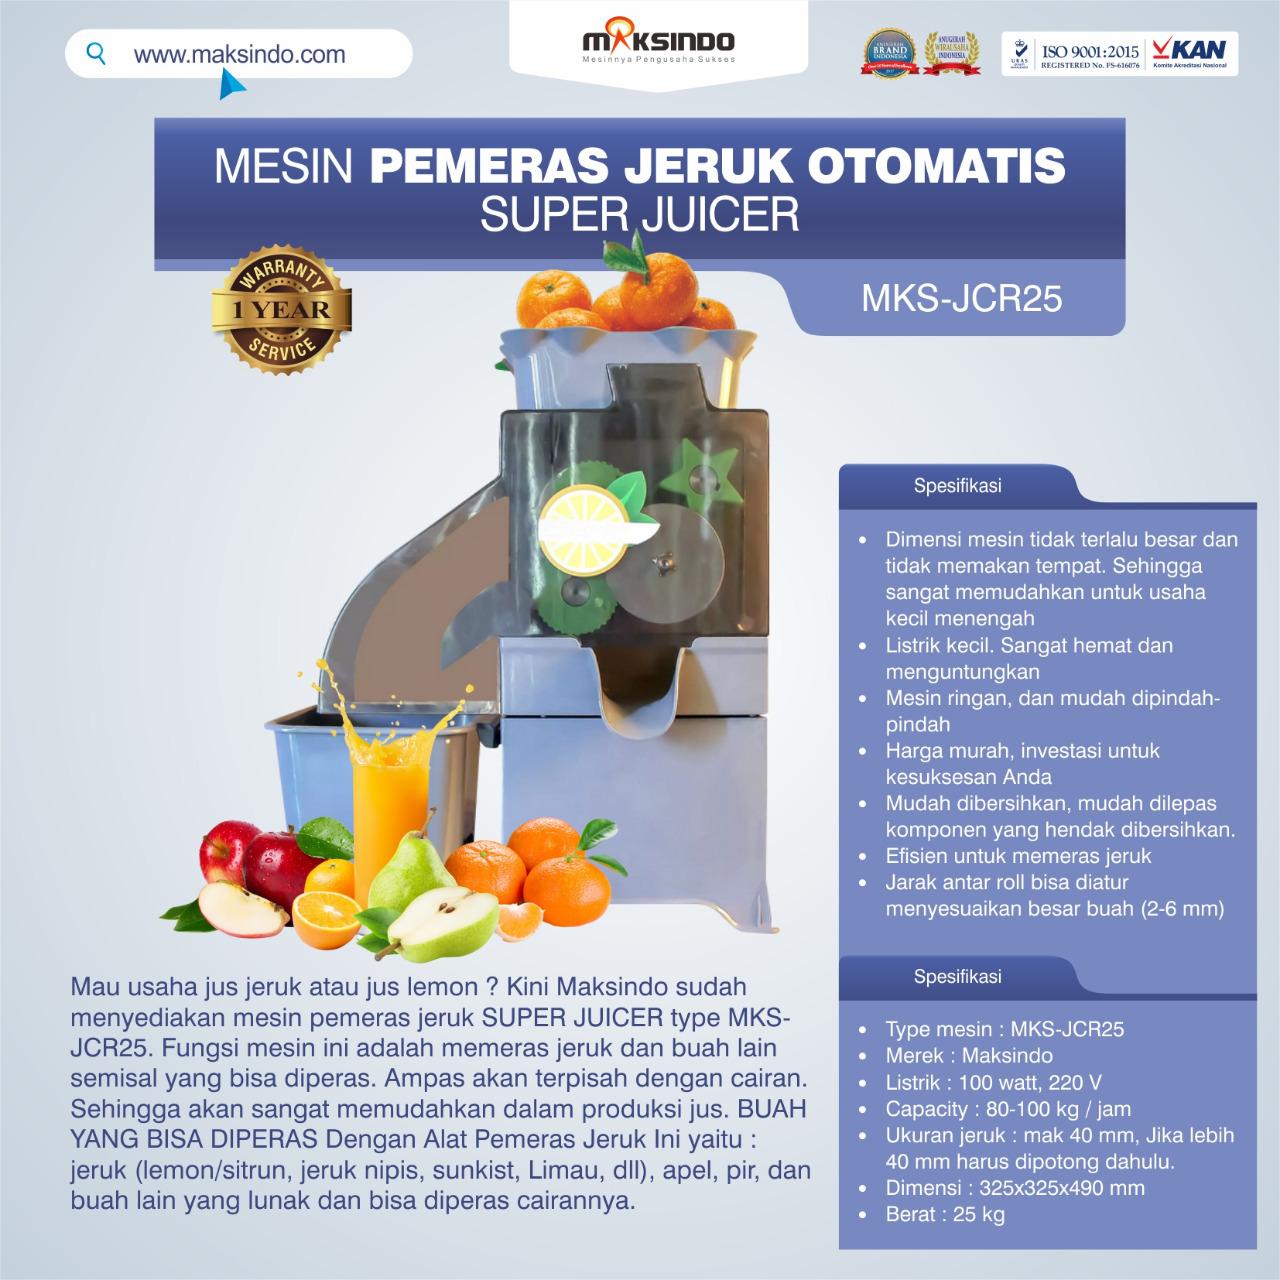 Jual Mesin Pemeras Jeruk Otomatis Super Juicer MKS-JCR25 di Makassar